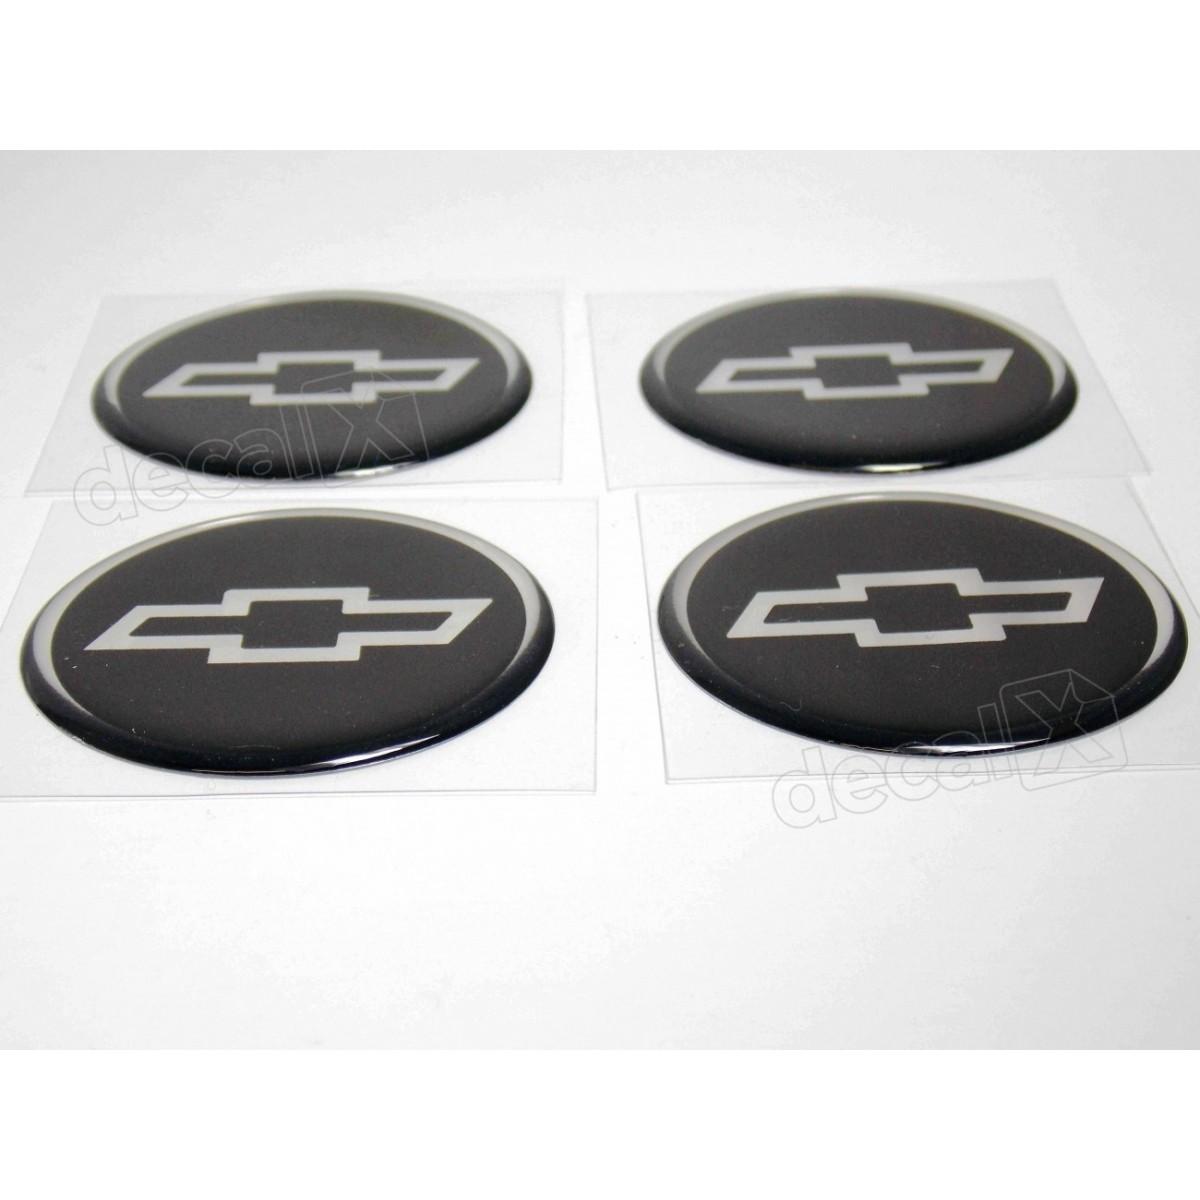 Adesivo Emblema Resinado Roda Chevrolet 68mm Cl18